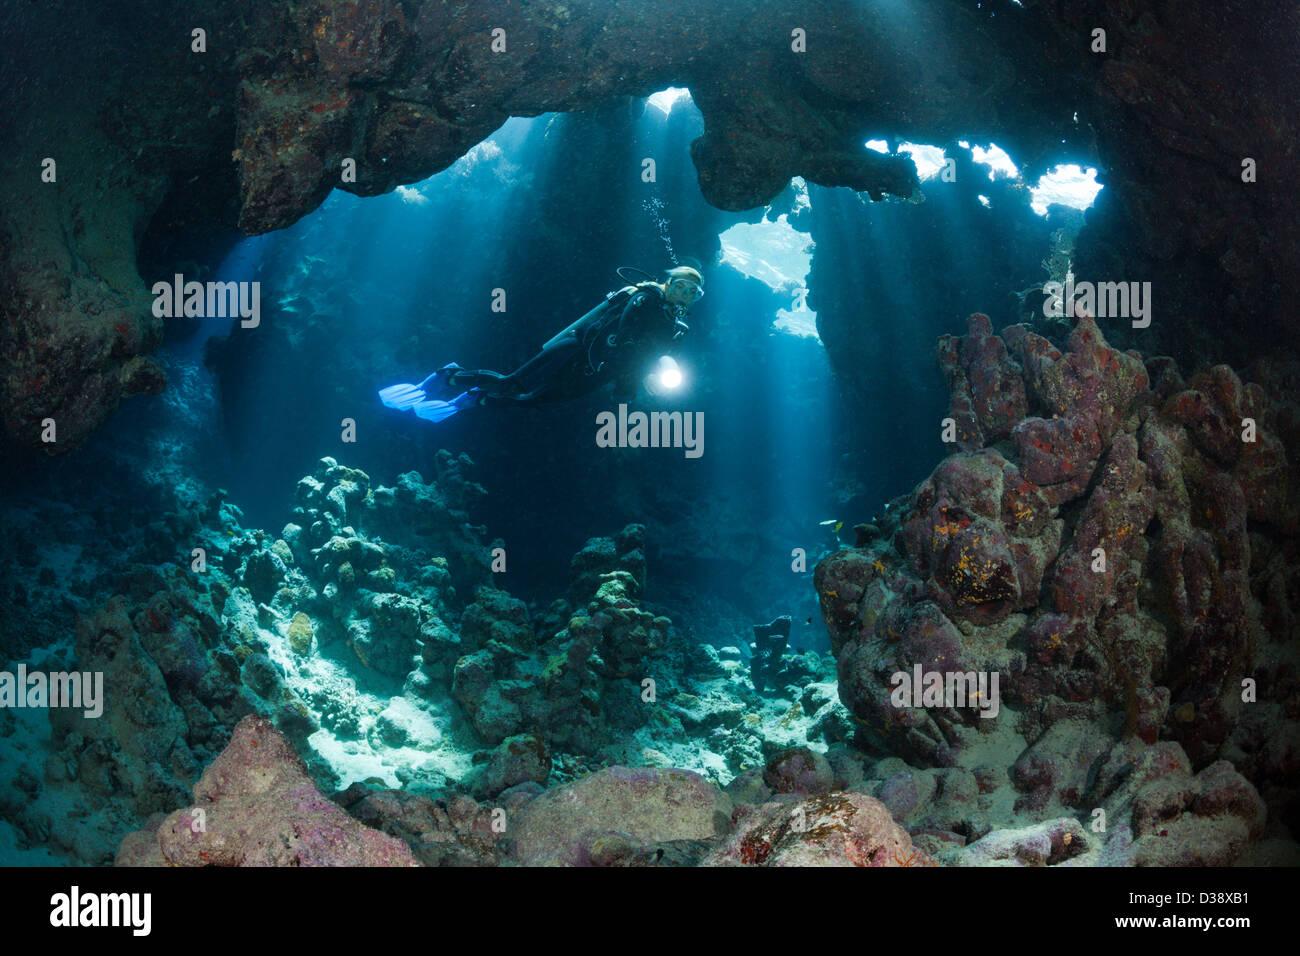 La plongée autonome à l'intérieur de la grotte, la grotte de corail, Mer Rouge, Egypte Photo Stock